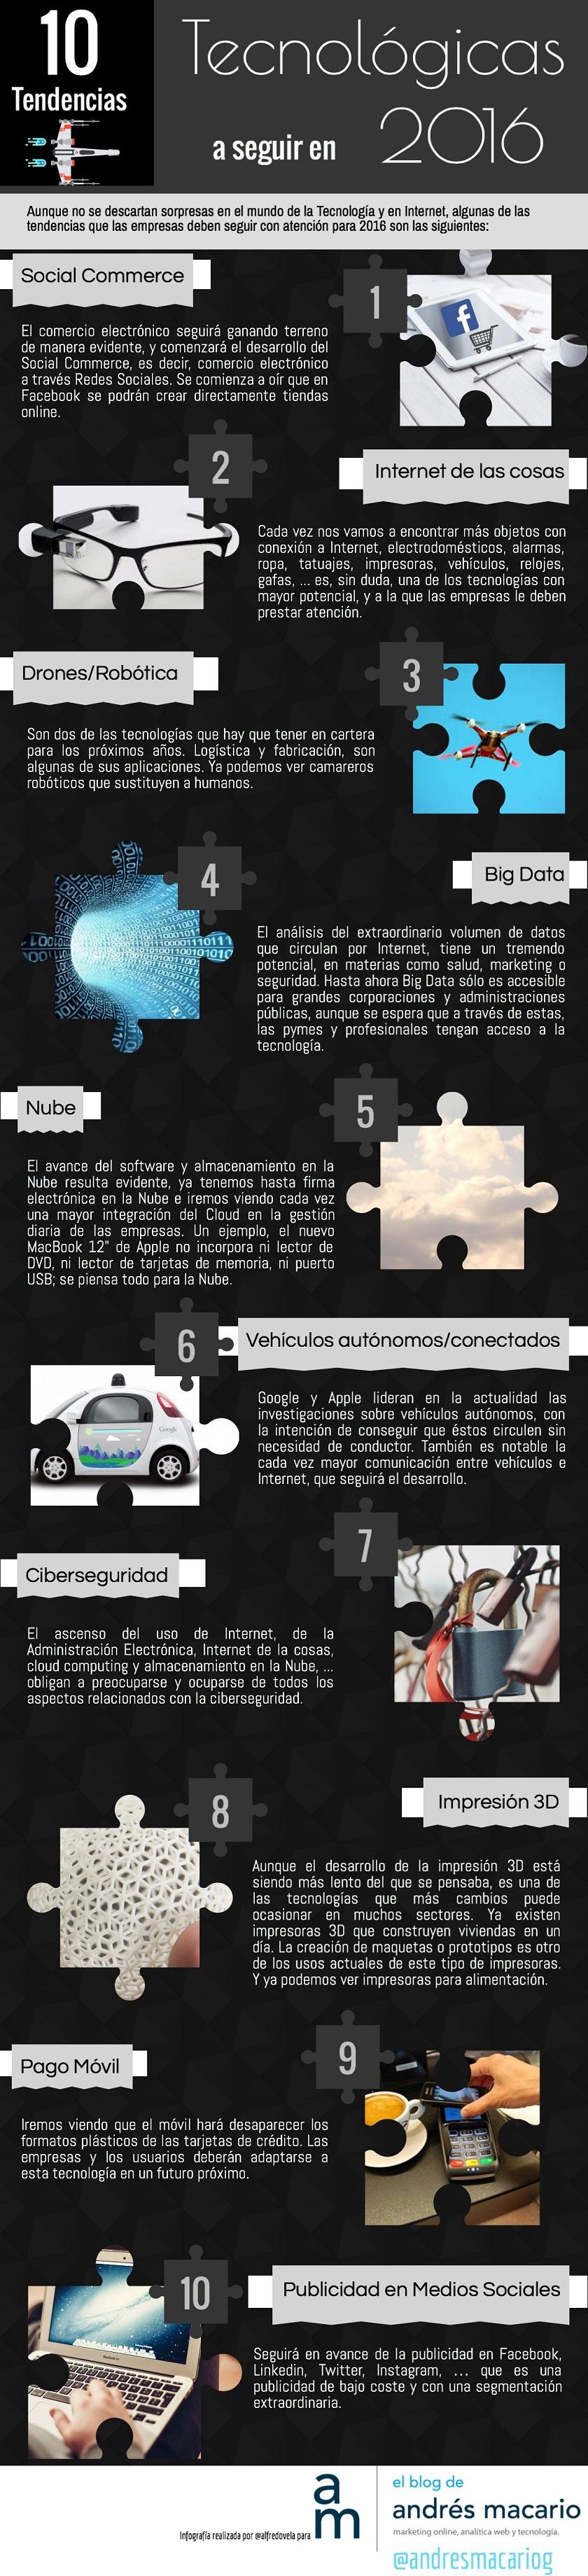 10-tendencias-tecnologicas-a-seguir-2016-Andres-Macario-Alfredo-Vela